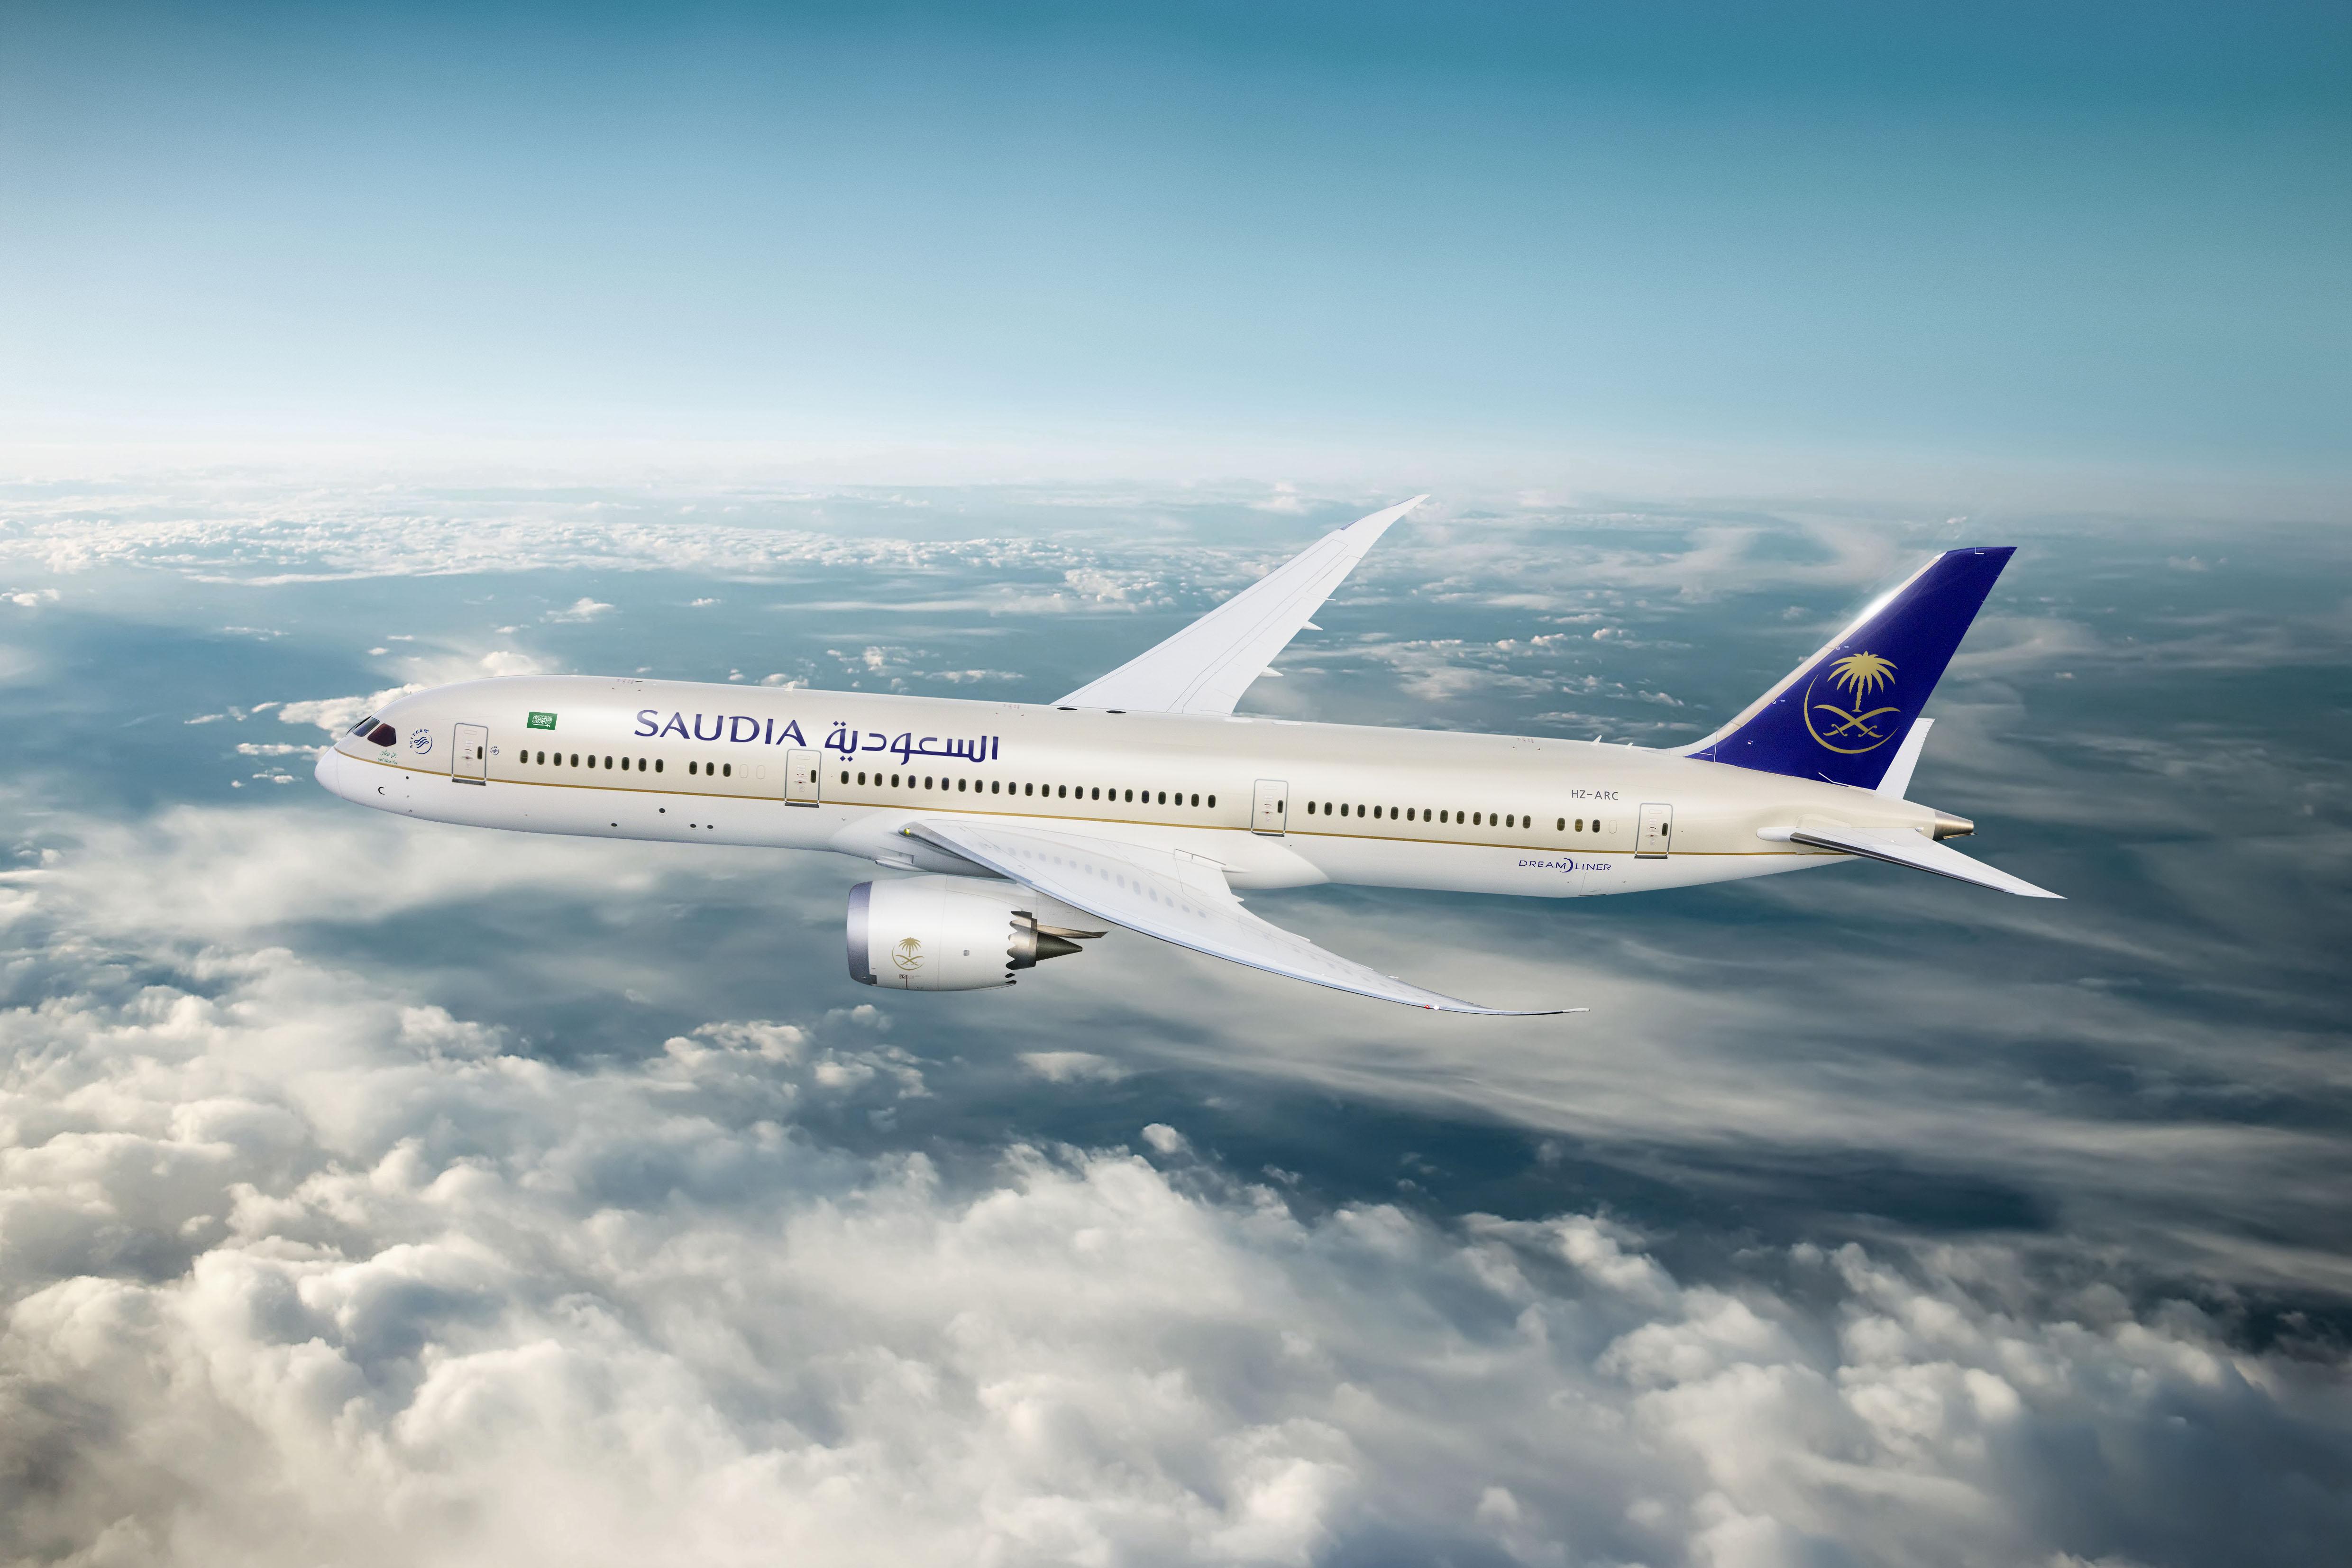 787 SAUDIA NEW1 - A3 (2)